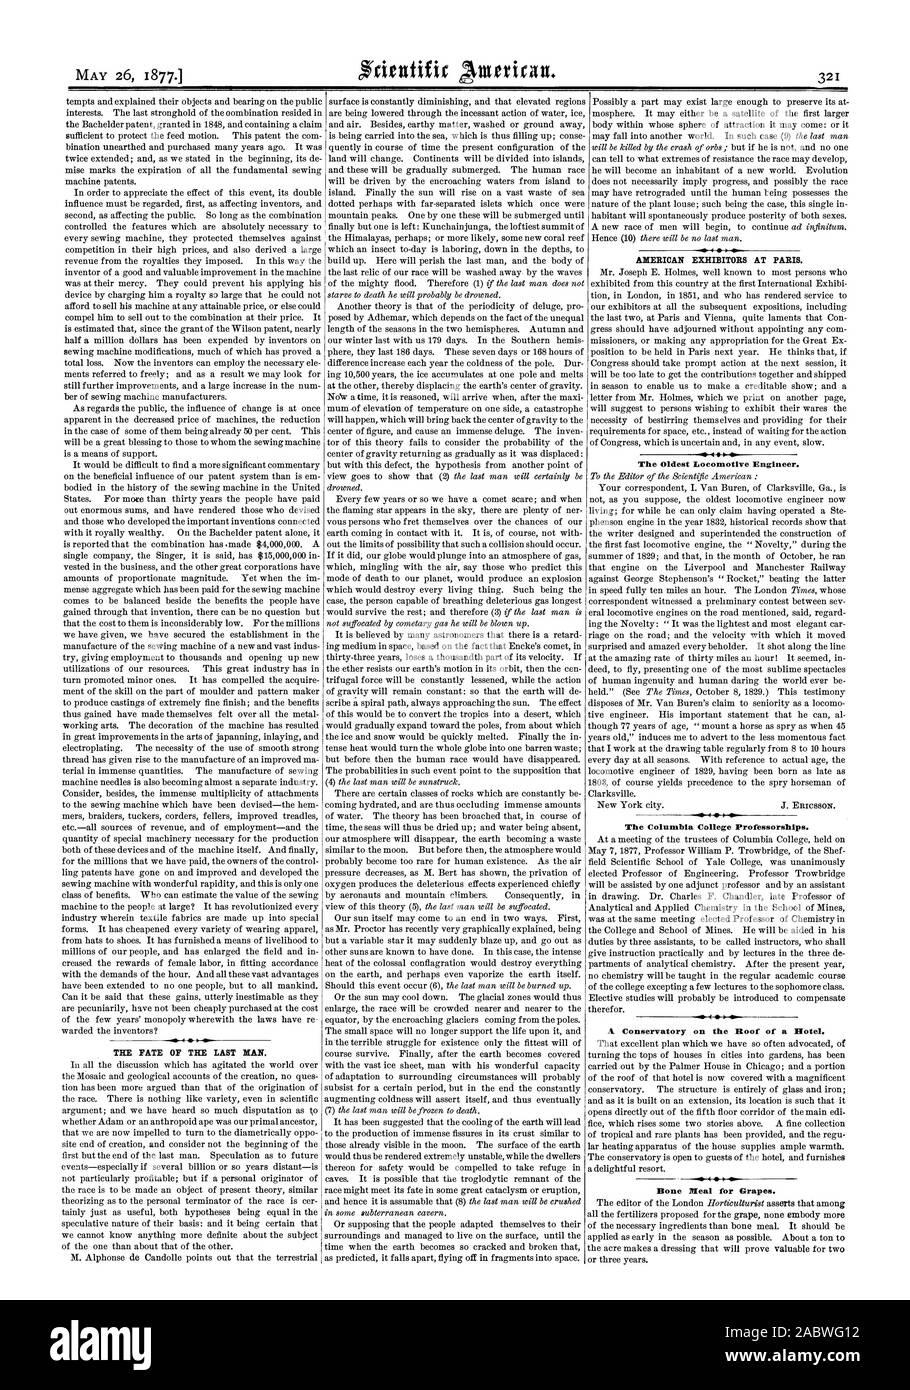 Das SCHICKSAL DES LETZTEN MENSCHEN. Amerikanische AUSSTELLER IN PARIS. Die älteste Lokomotive Ingenieur. Das Columbia College Professuren. Ein Wintergarten auf dem Dach eines Hotels. Knochen heilen für Trauben., Scientific American, 1877-05-26 Stockfoto